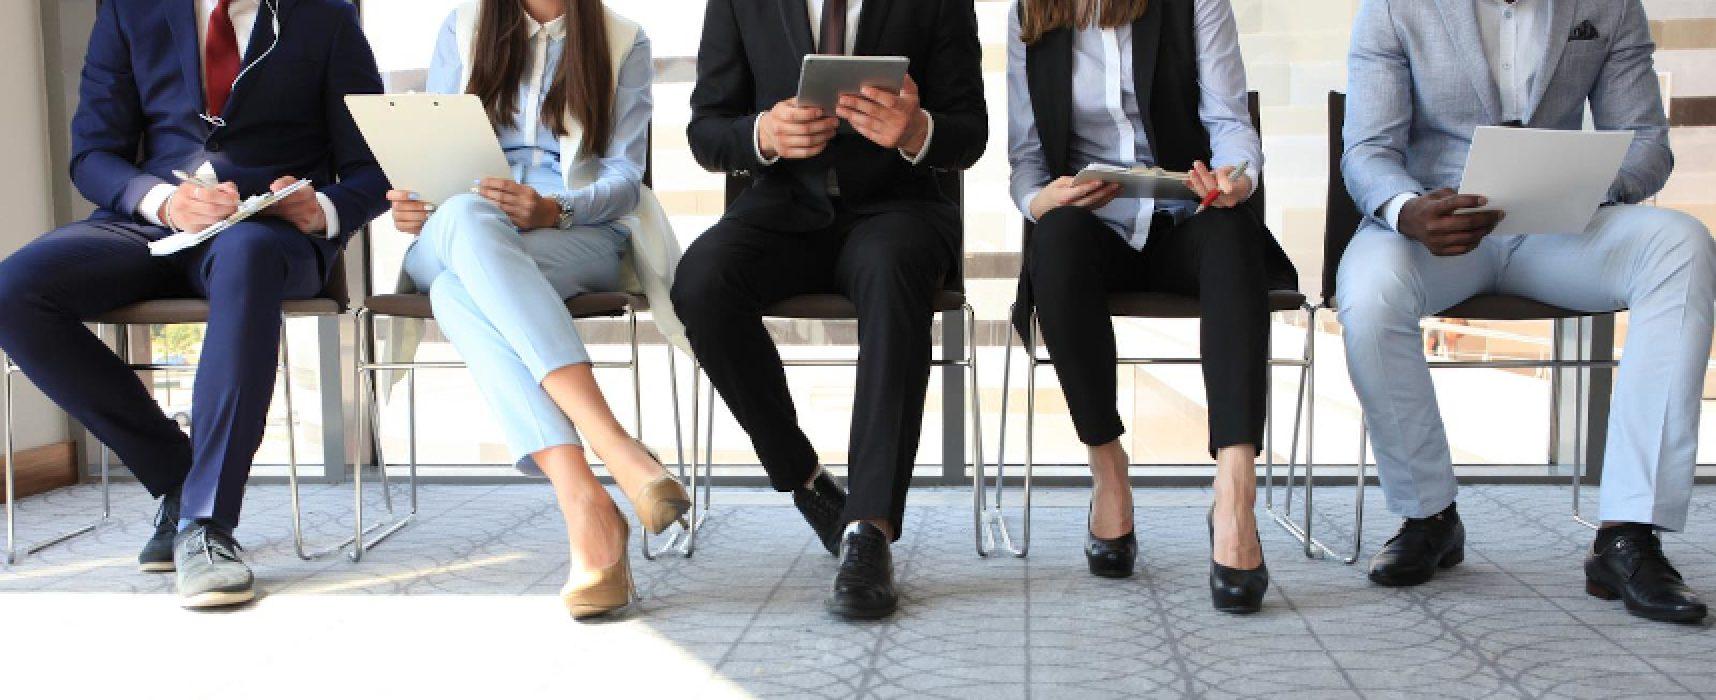 Offerte di lavoro a Bisceglie / ECCO quali sono e come candidarsi